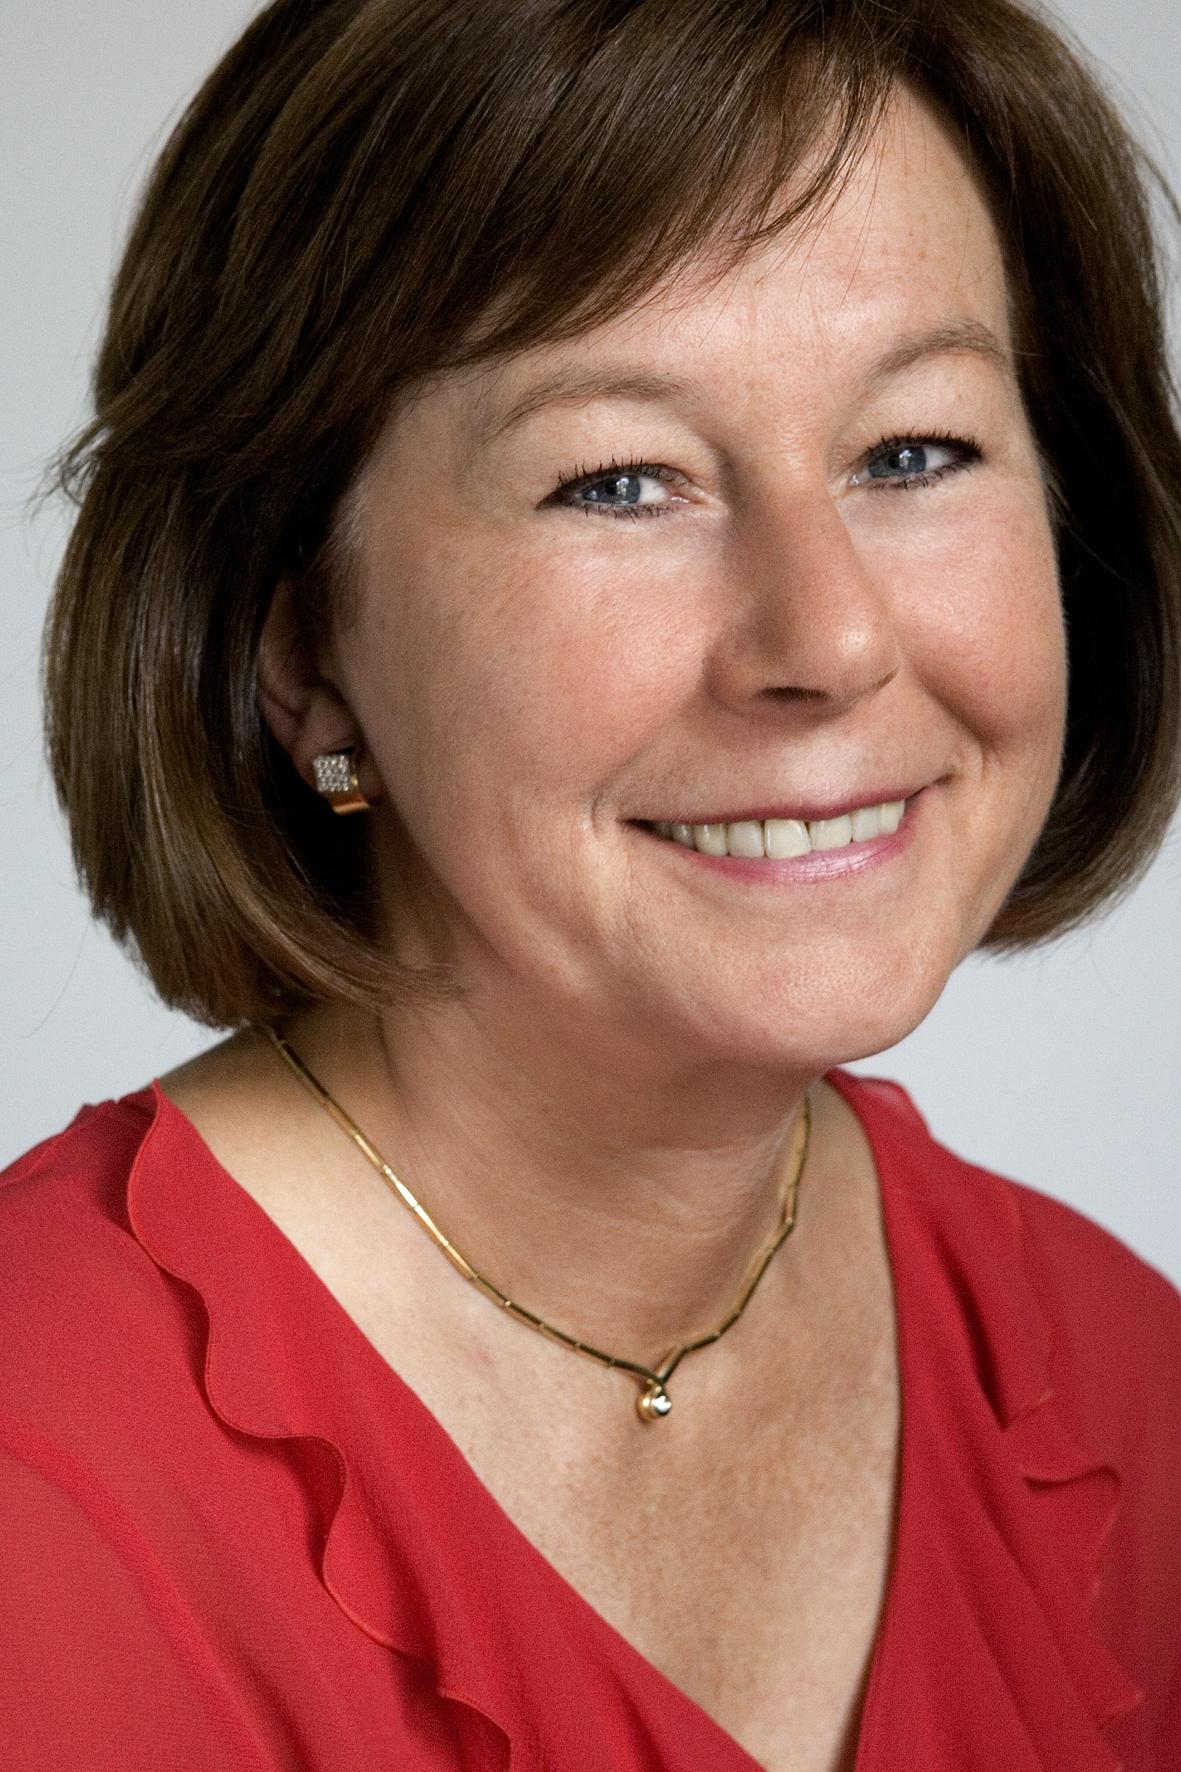 Joanna Trzeciak